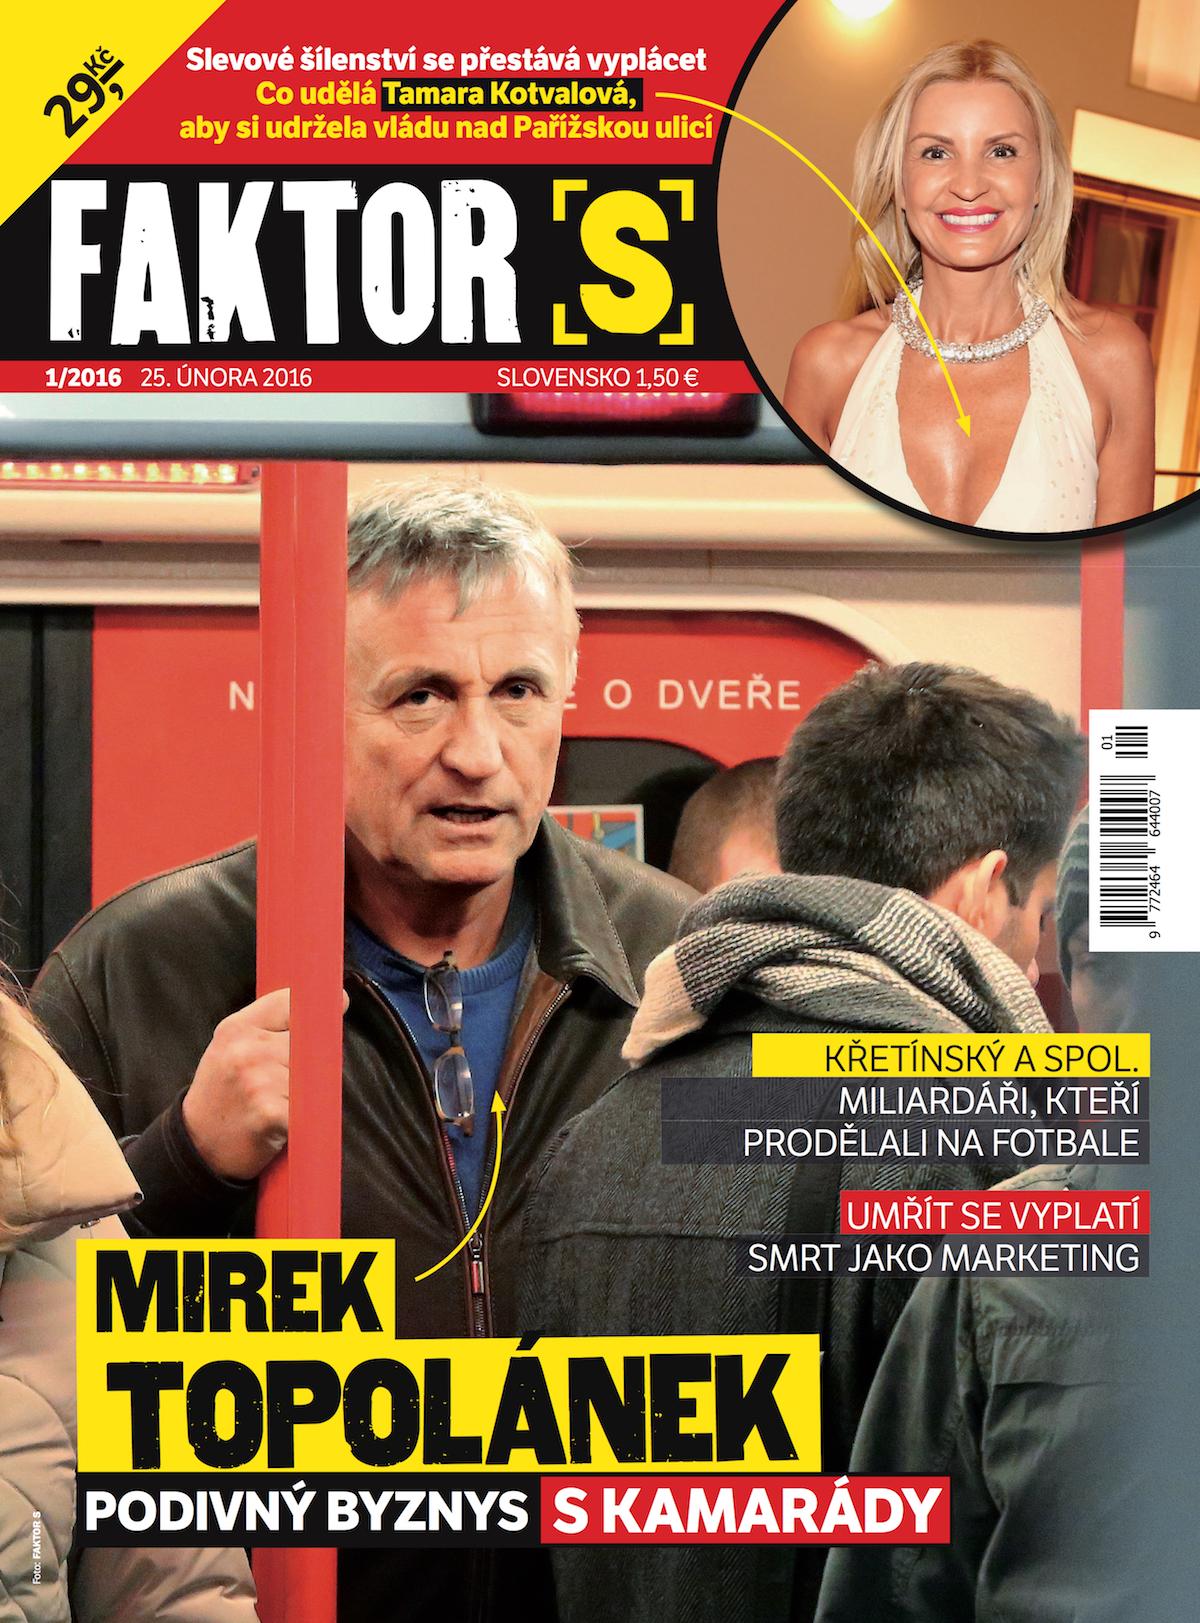 Titulní strana prvního vydání týdeníku Faktor S